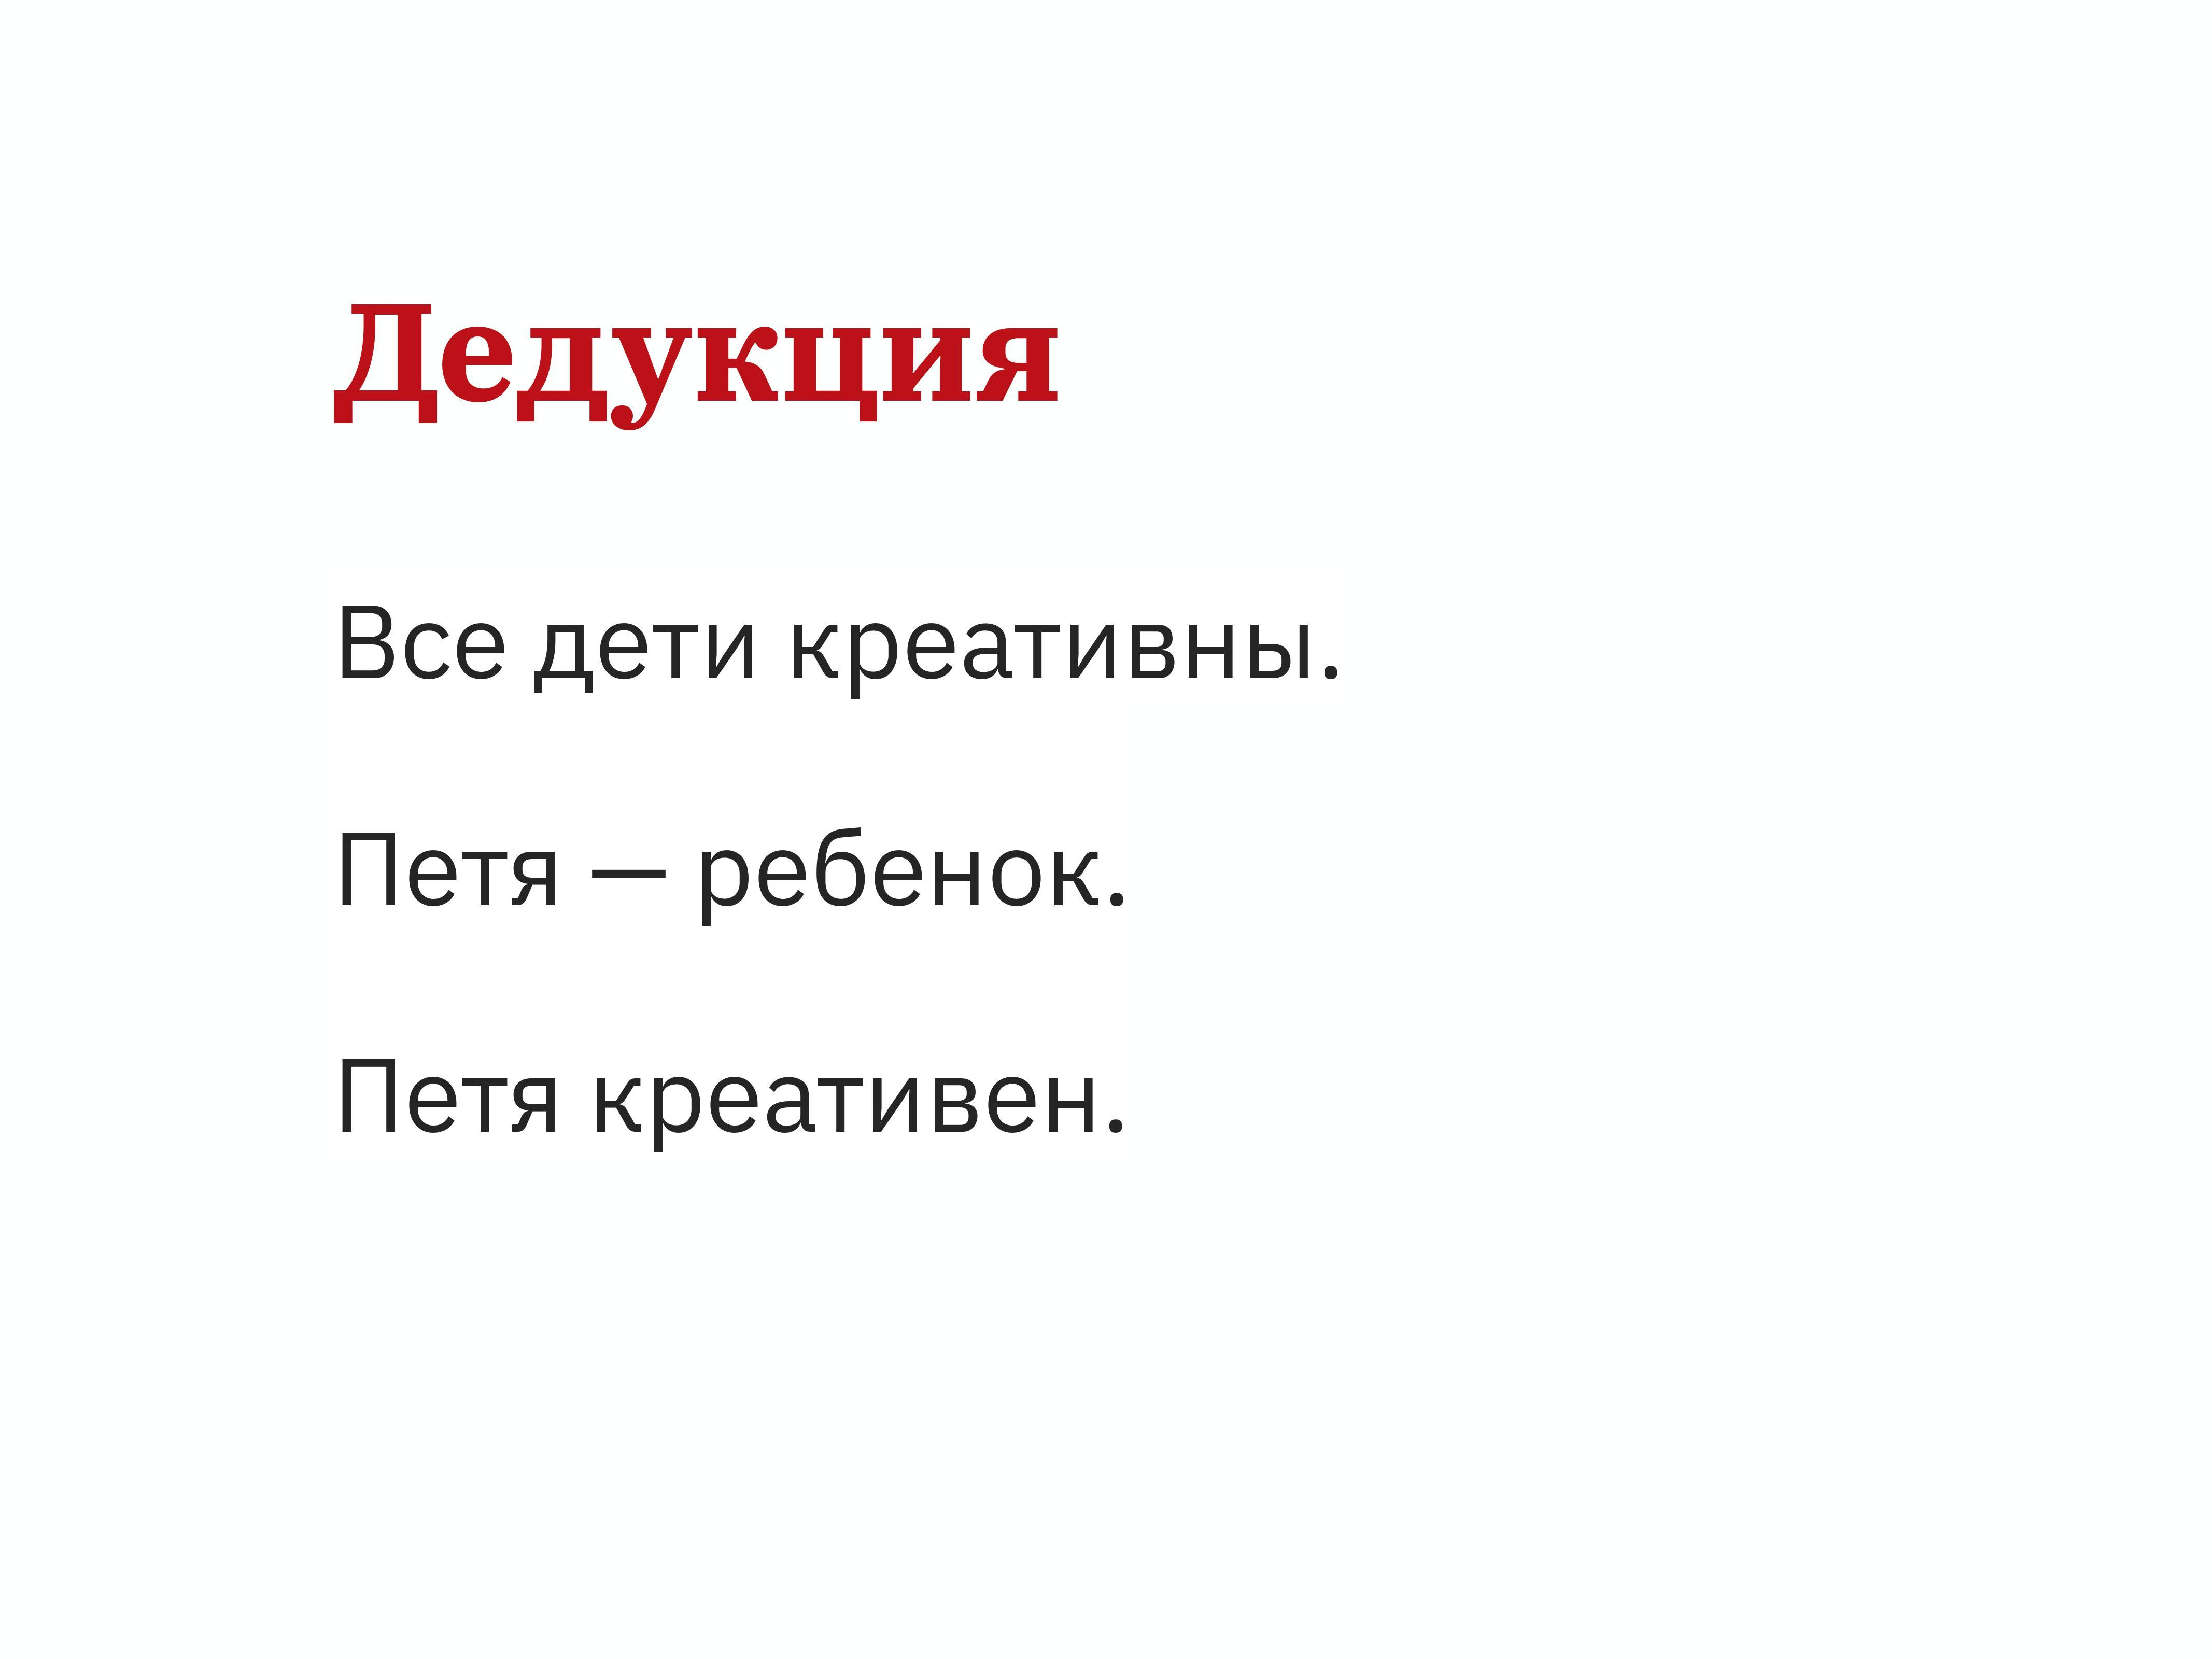 Алексей Каптерев: Критическое мышление 101 (часть 2) - 15